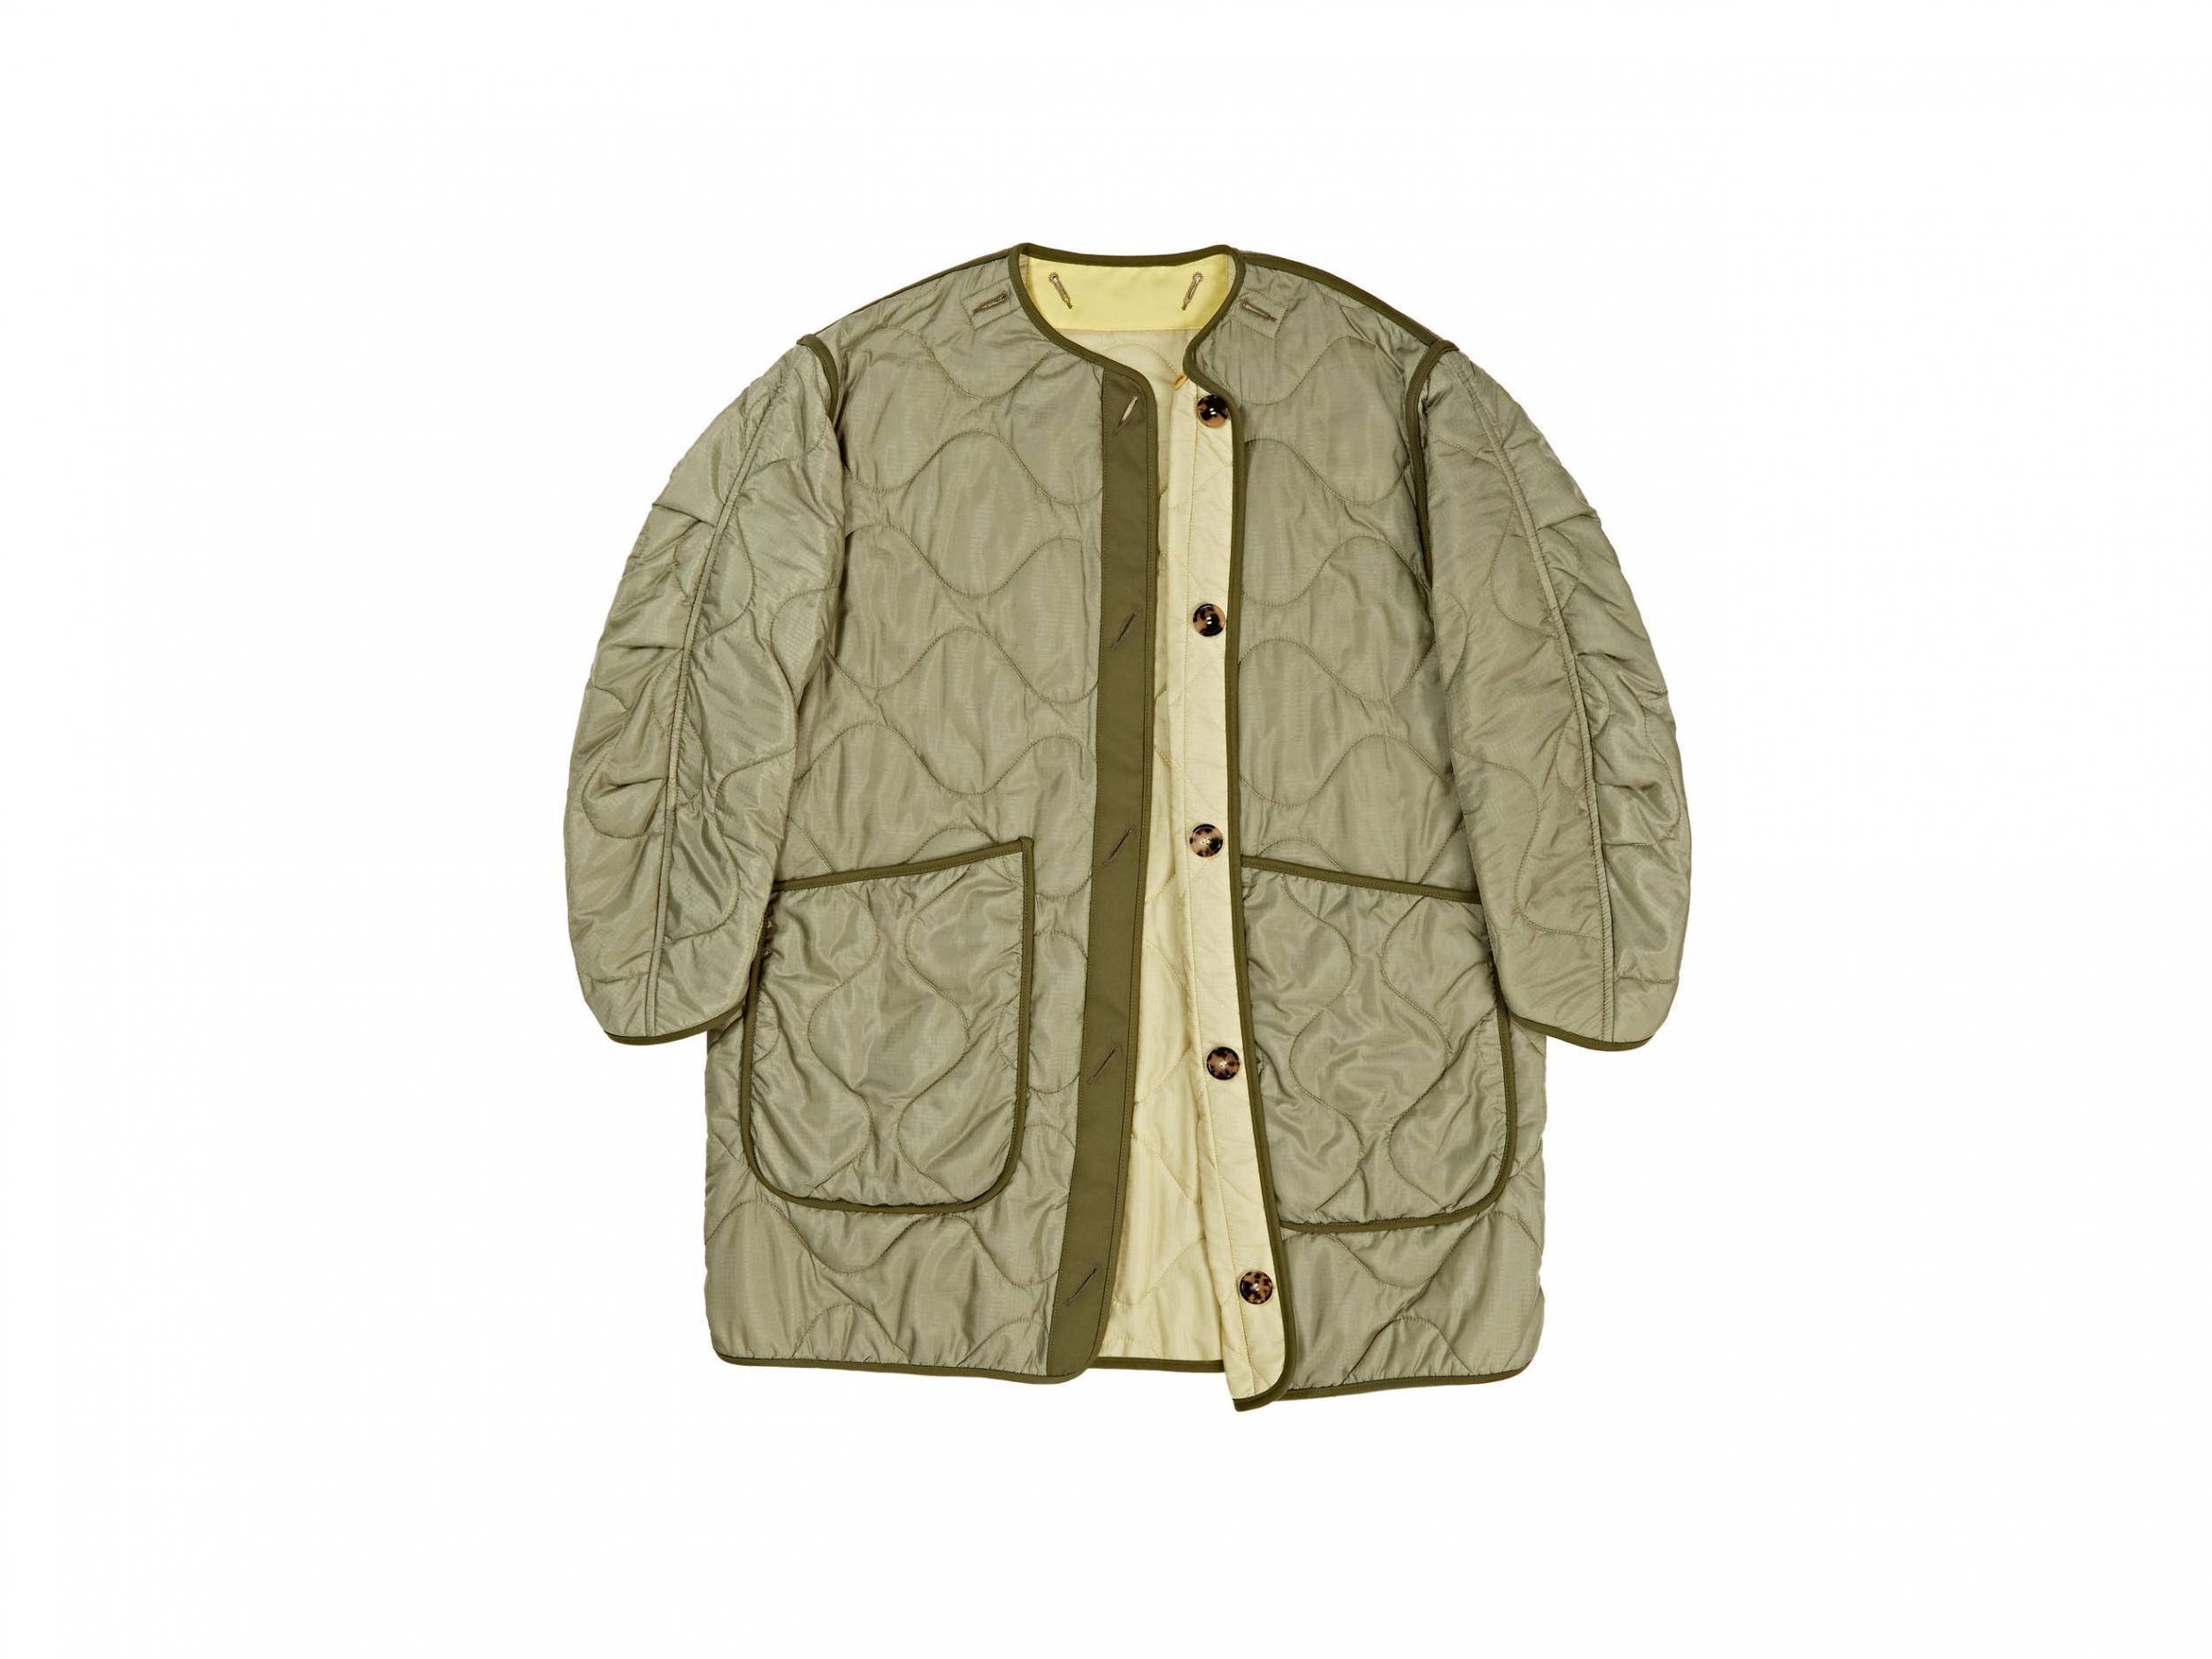 6ae47299339 Best festival waterproof jacket for women: Lightweight, fashionable ...